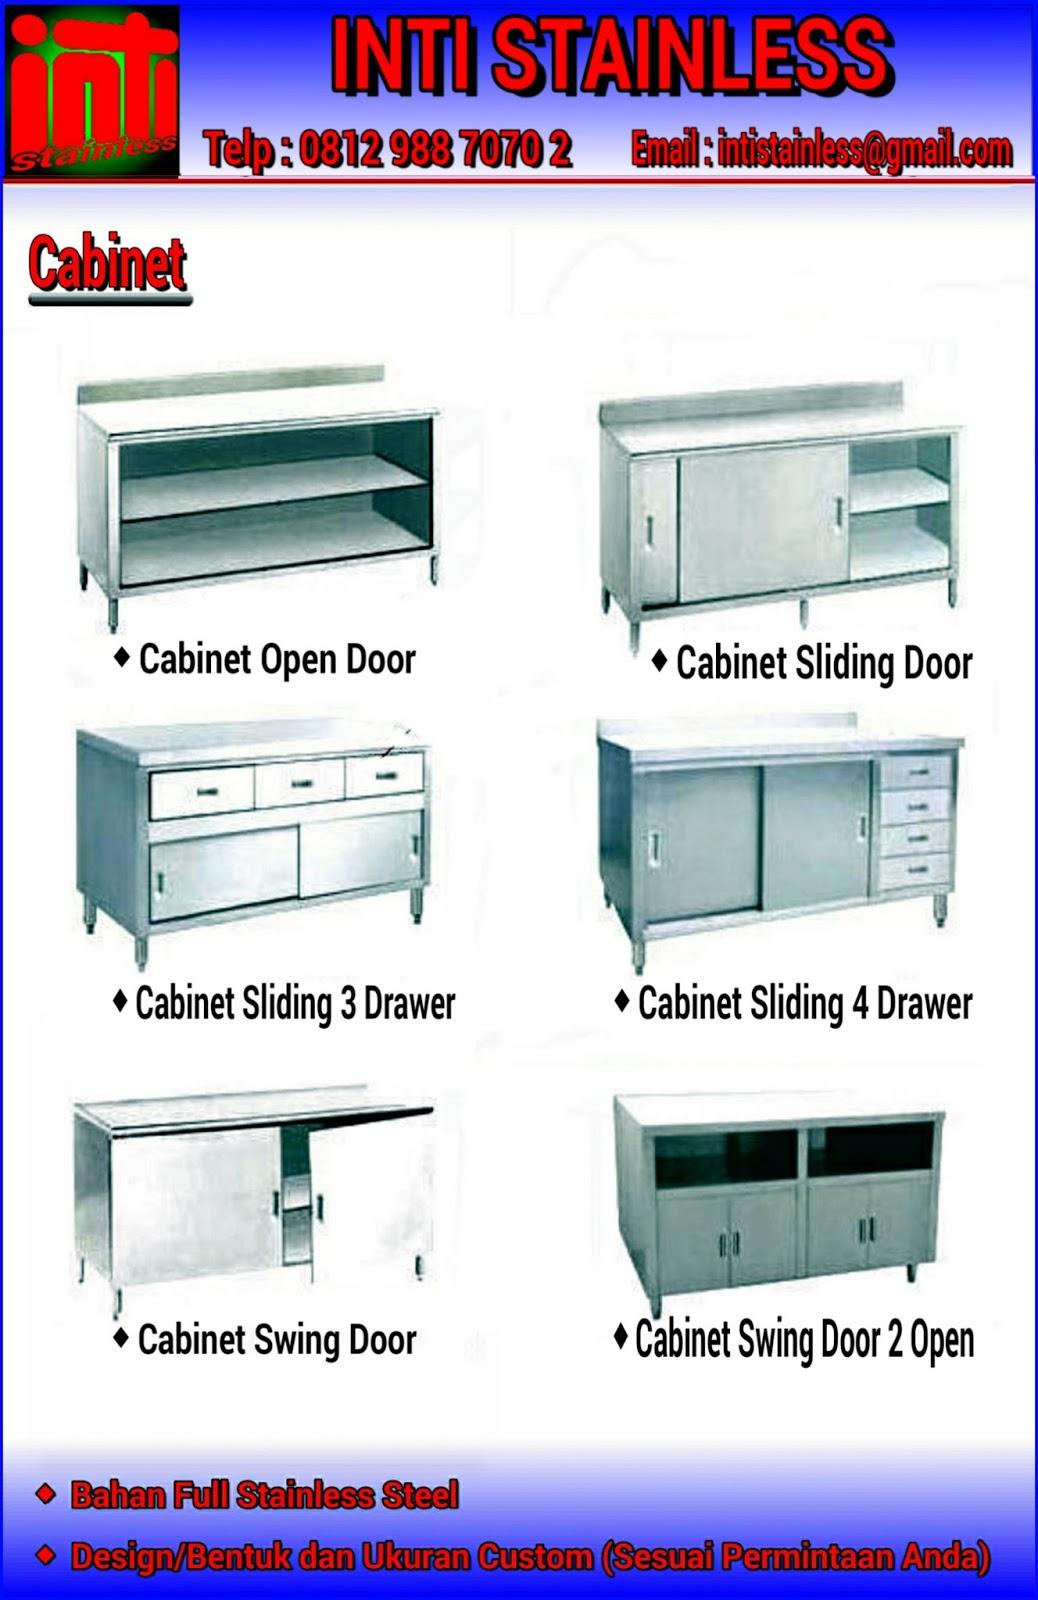 Jual Meja Stainless Dan Peralatan Dapur Restoran Dari Kitchen Equipment Custom